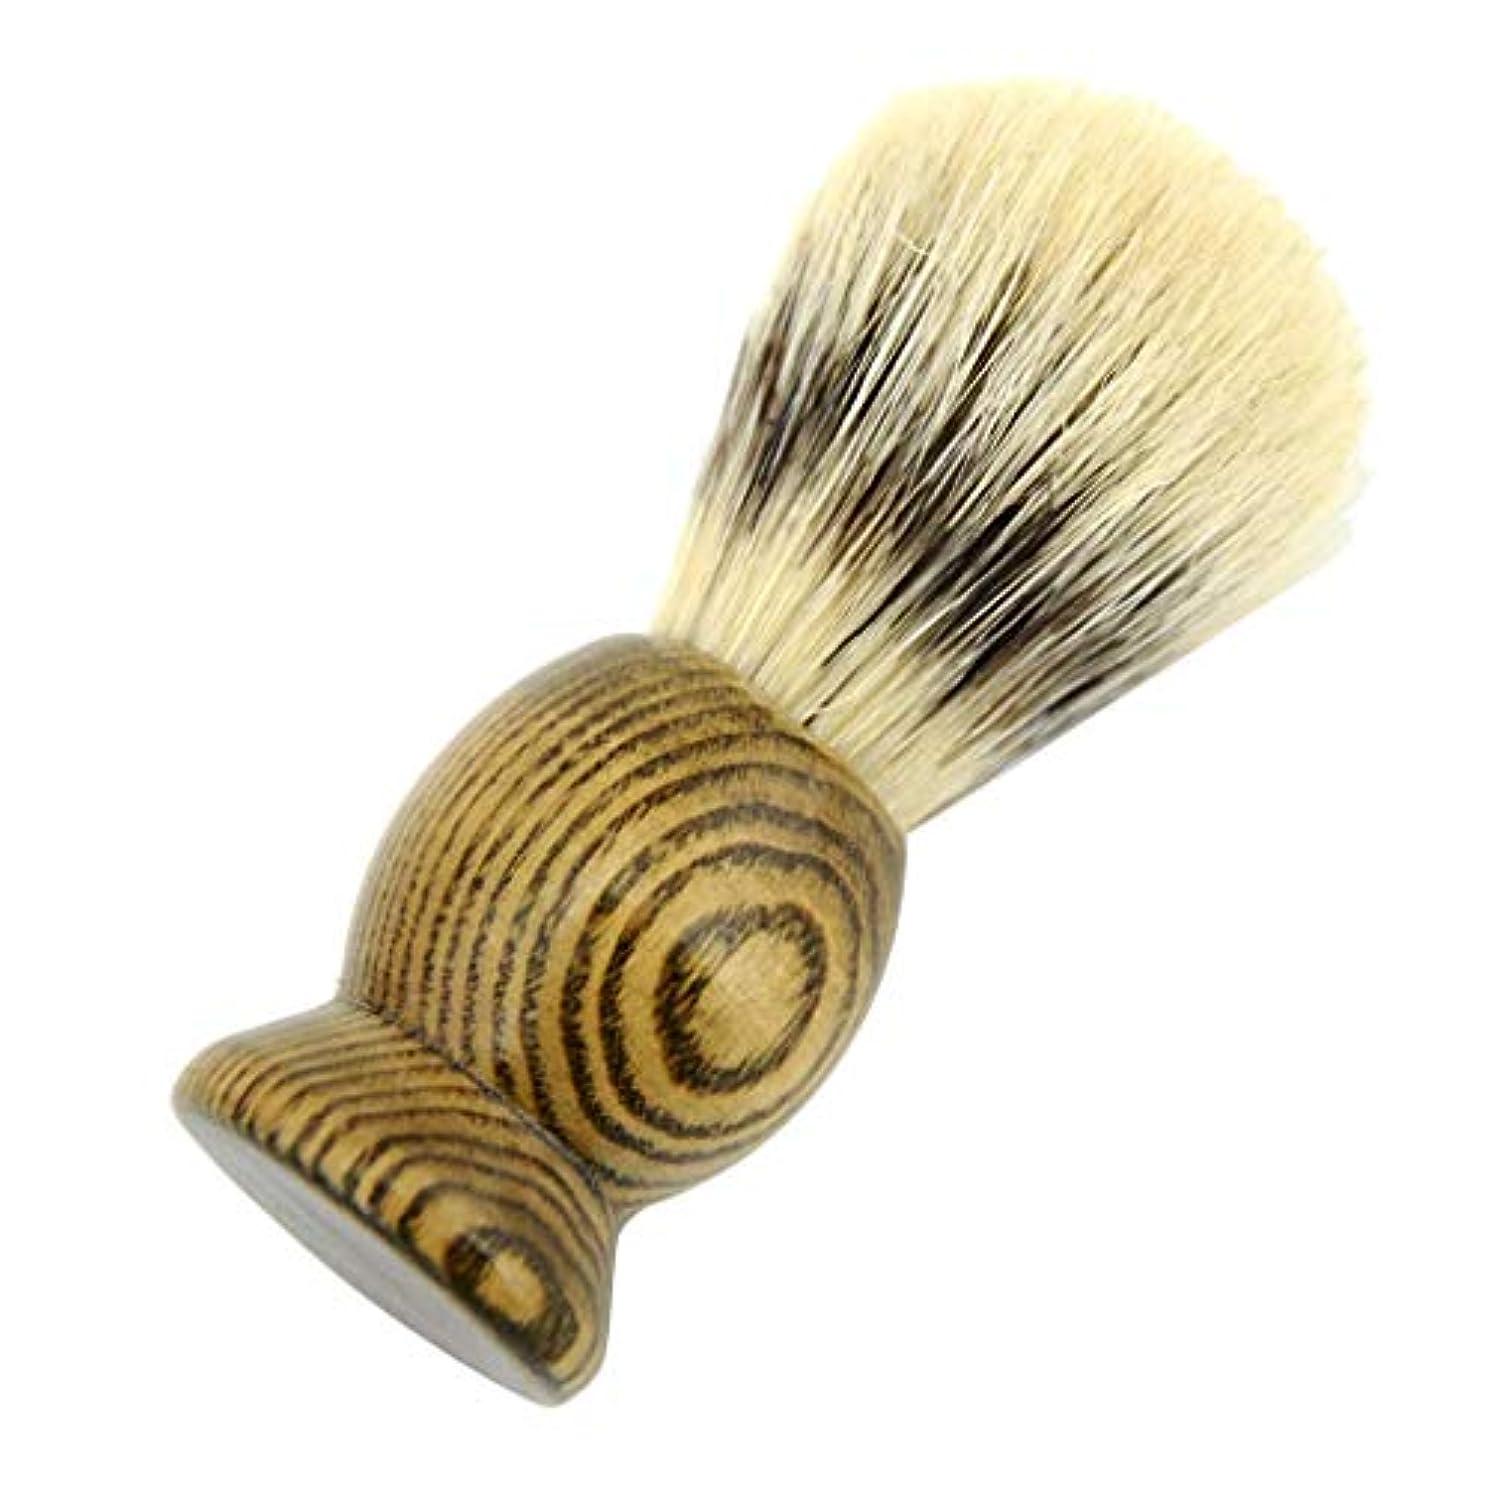 逃す熟練した警告するメンズ シェービング用ブラシ 理容 洗顔 髭剃り 泡立ち サロン 家庭用 シェービング用アクセサリー